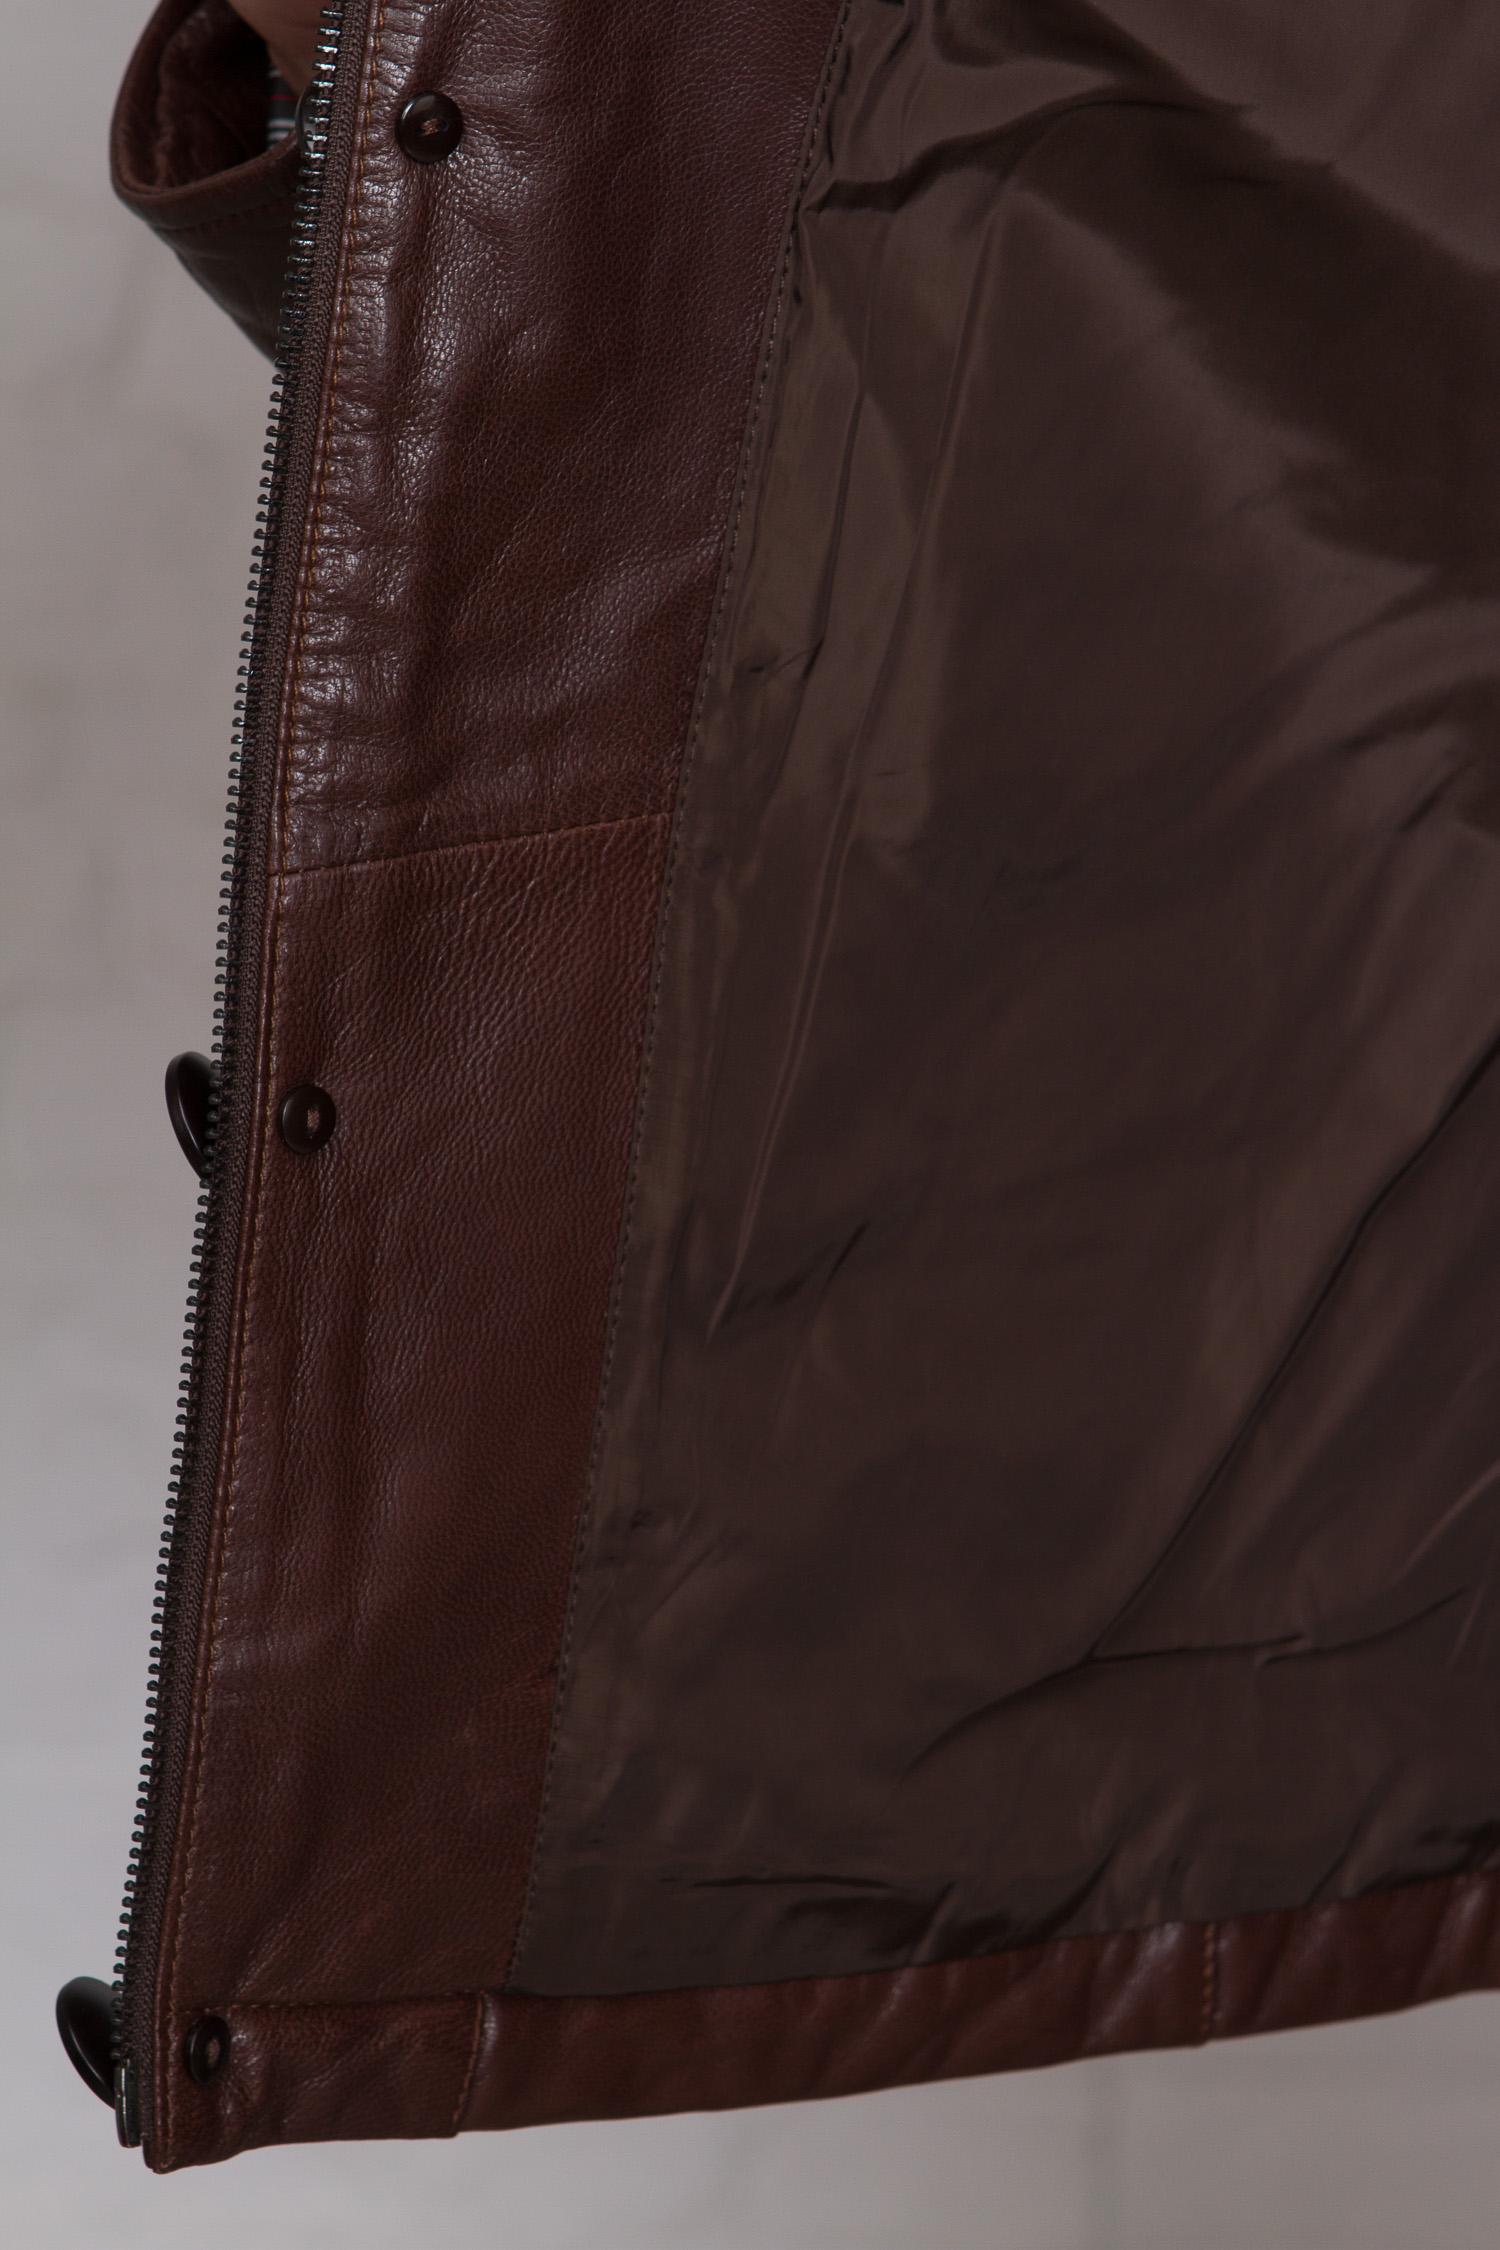 Купить куртку в магазине в Самара